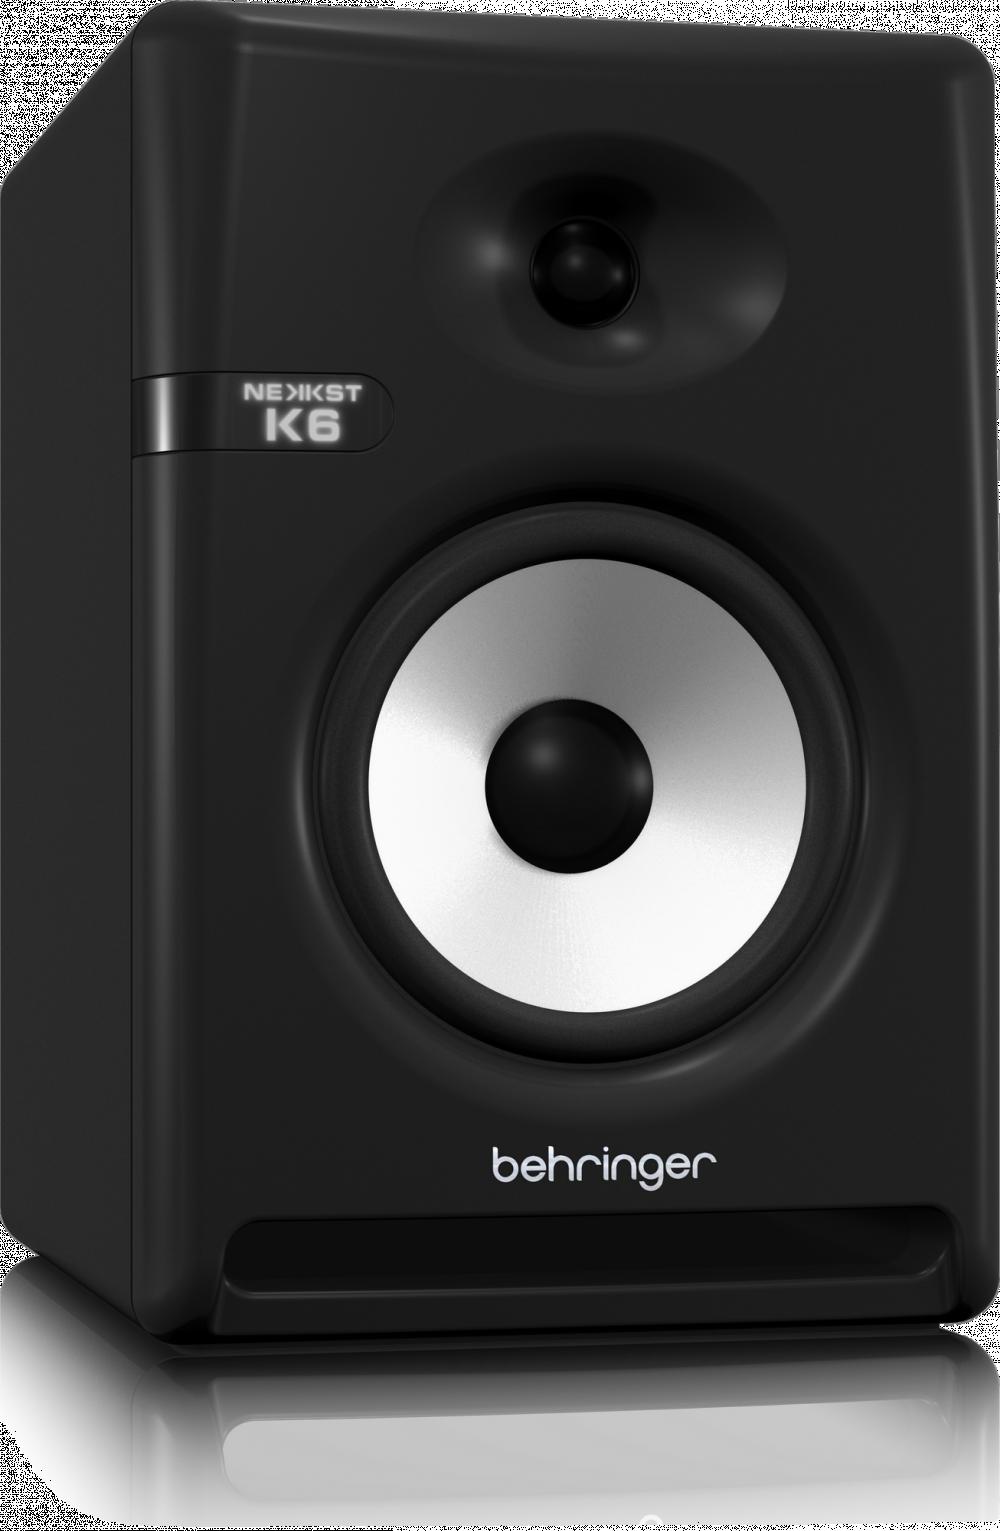 Behringer NEKKST K6